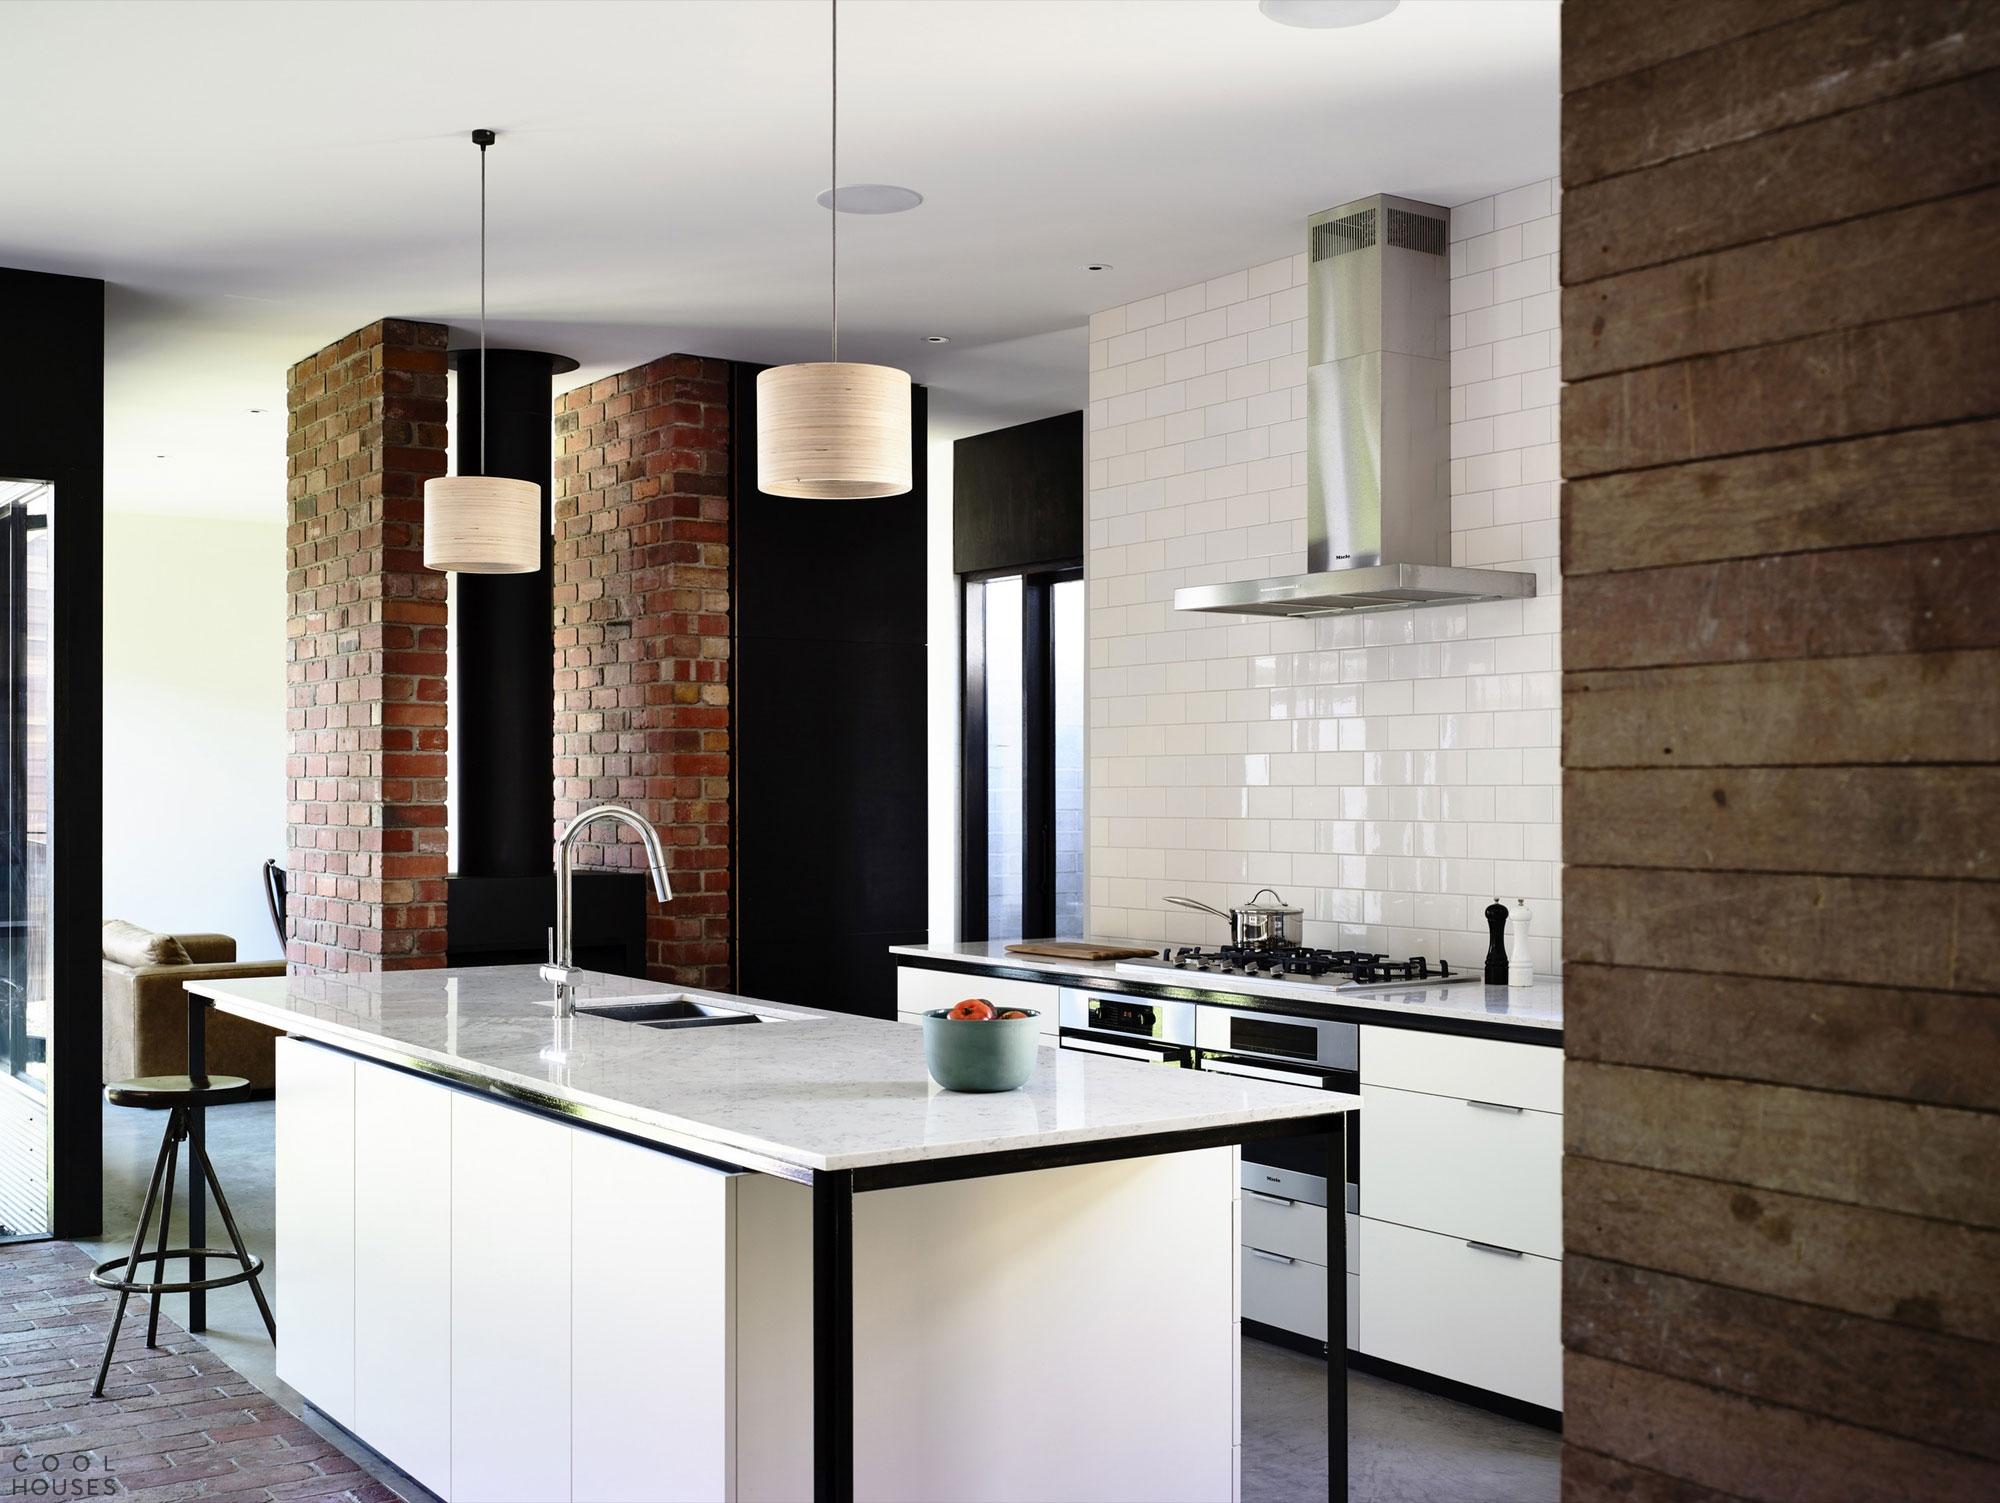 Частный дом в стиле лофт - реставрация старого здания от студии Wolveridge Architects